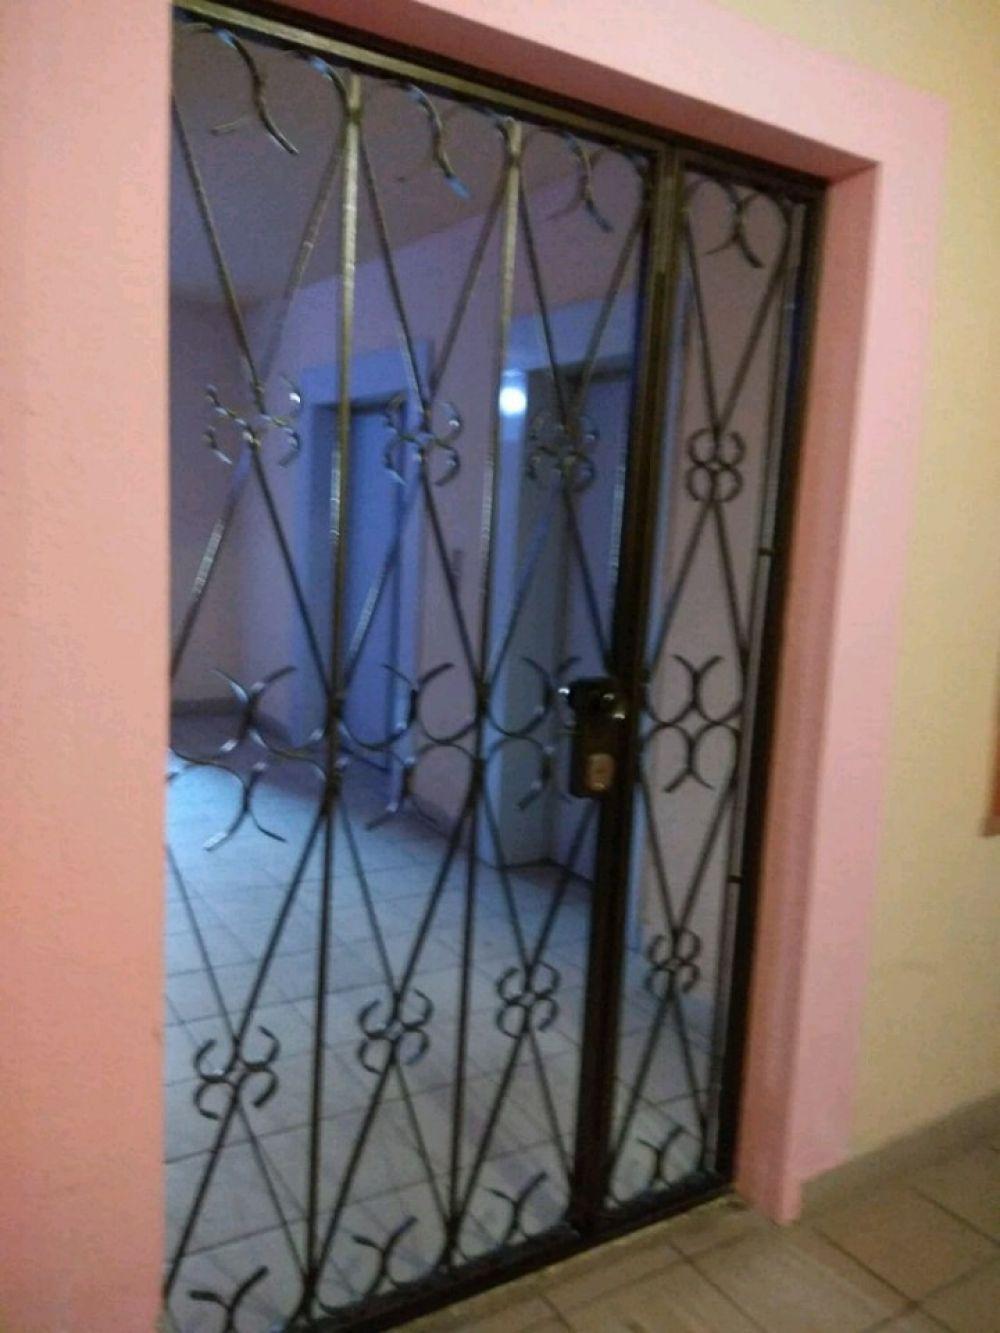 Однокомнатная квартира Московская область г. Королев, ул Мичурина, д. 27 корп. 7, фото 1